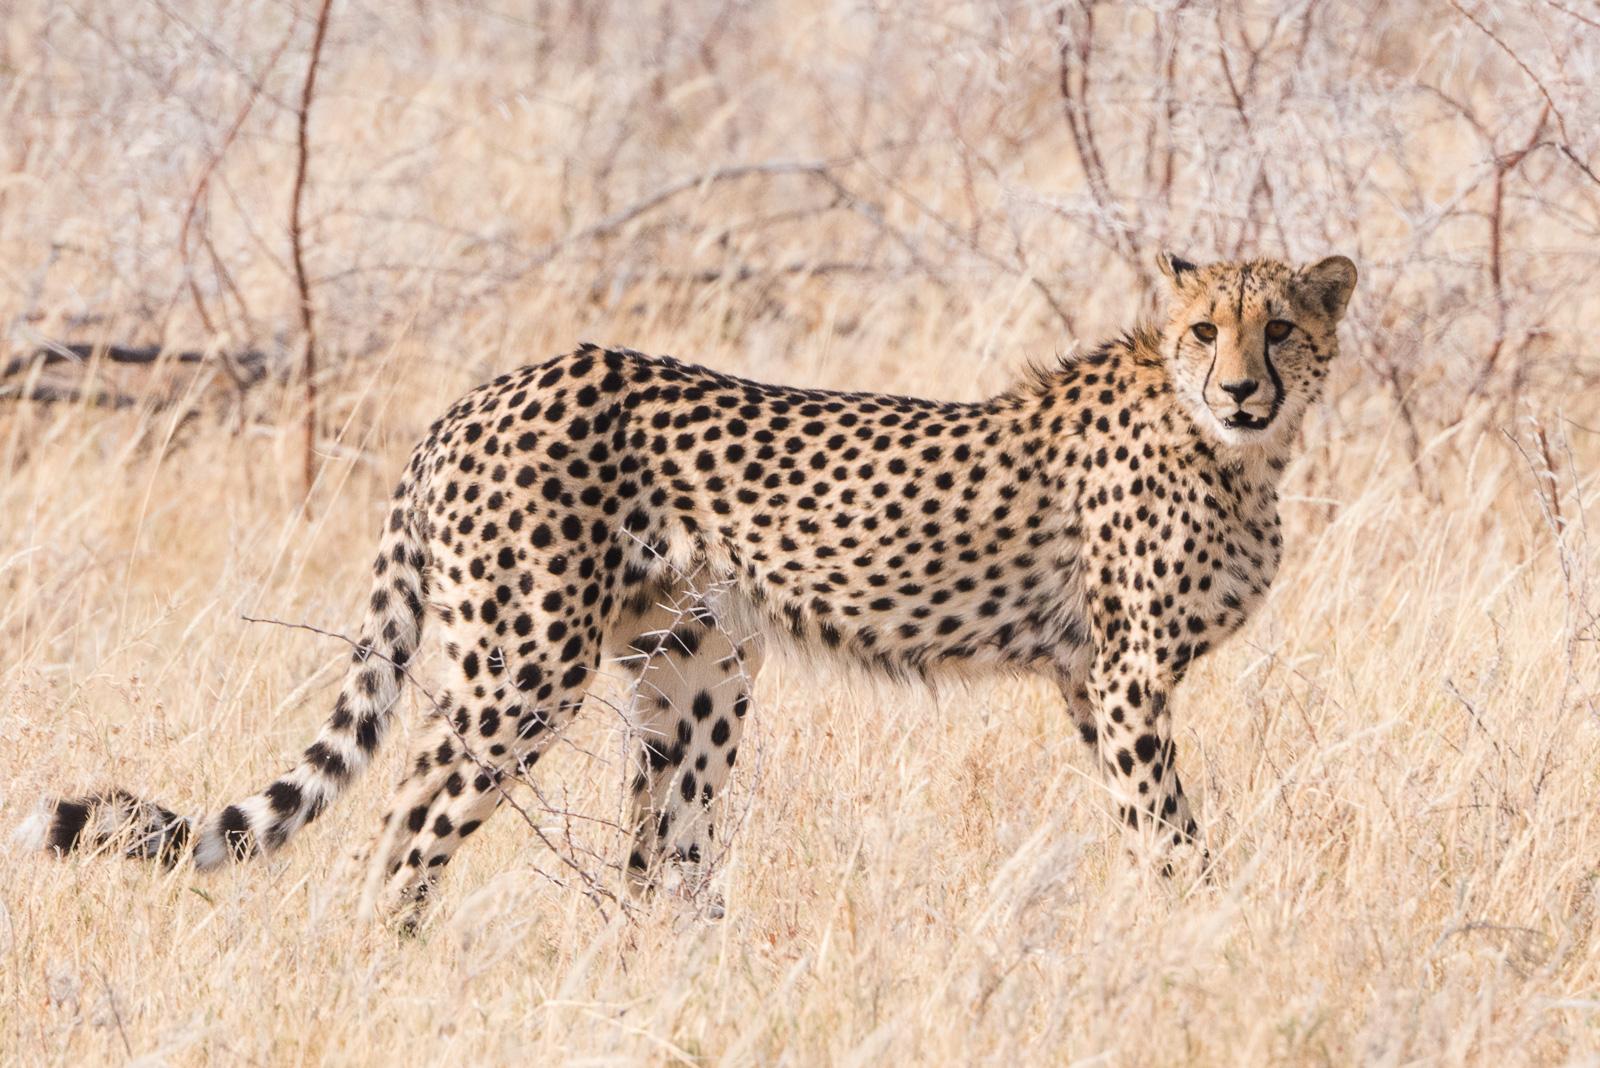 Wild Cheetah Portrait